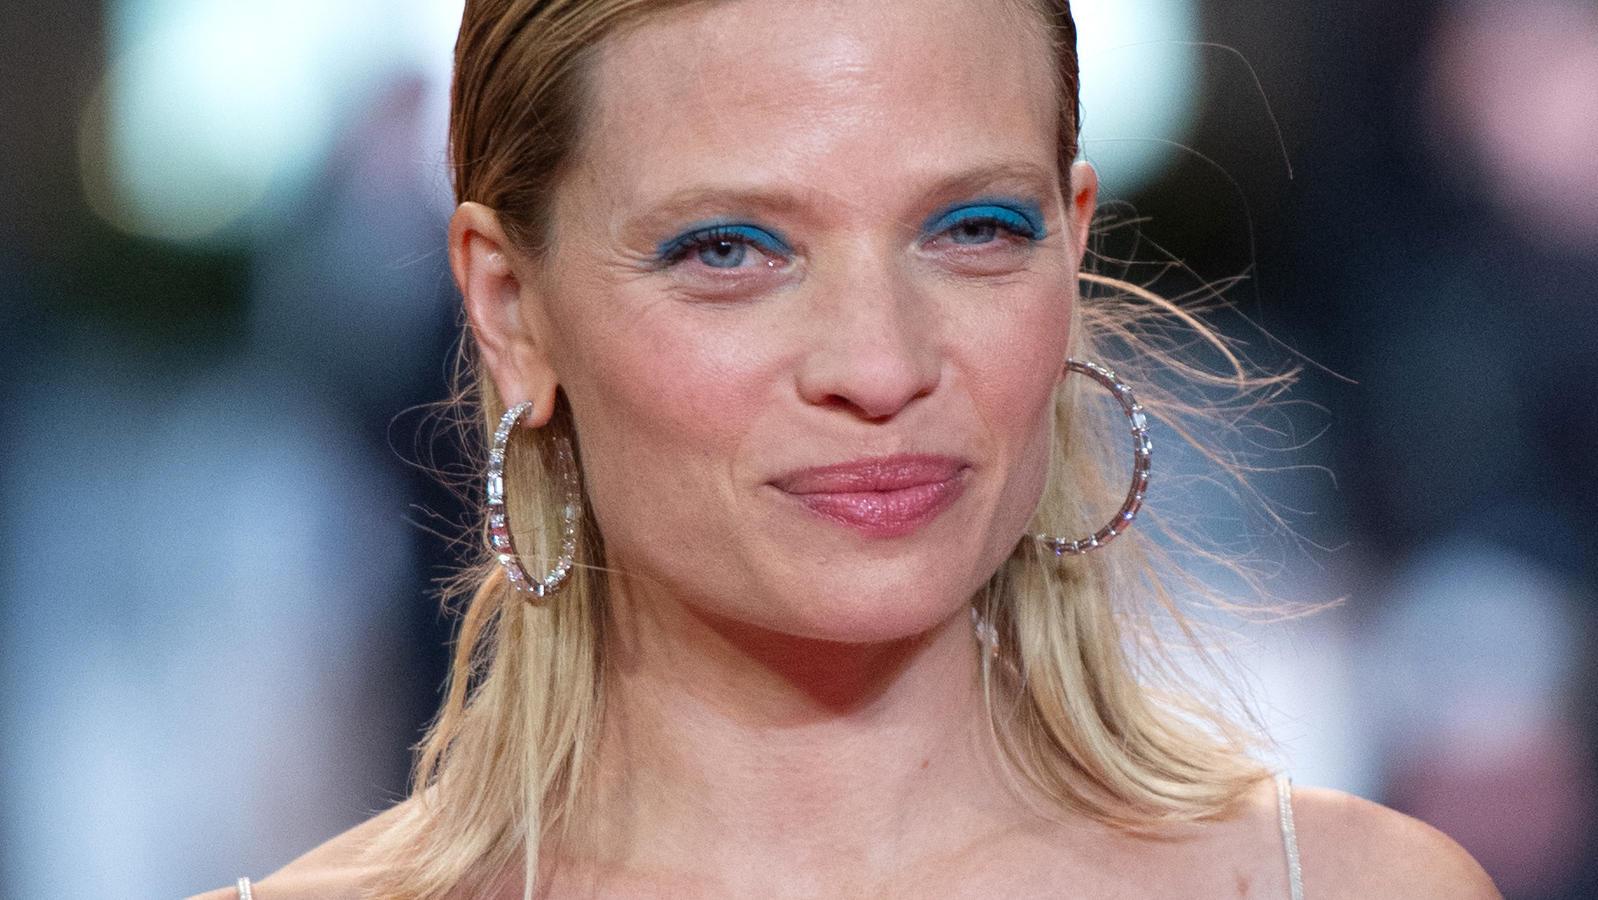 Melanie Thierry bei den internationalen Filmfestspielen in Cannes 2021